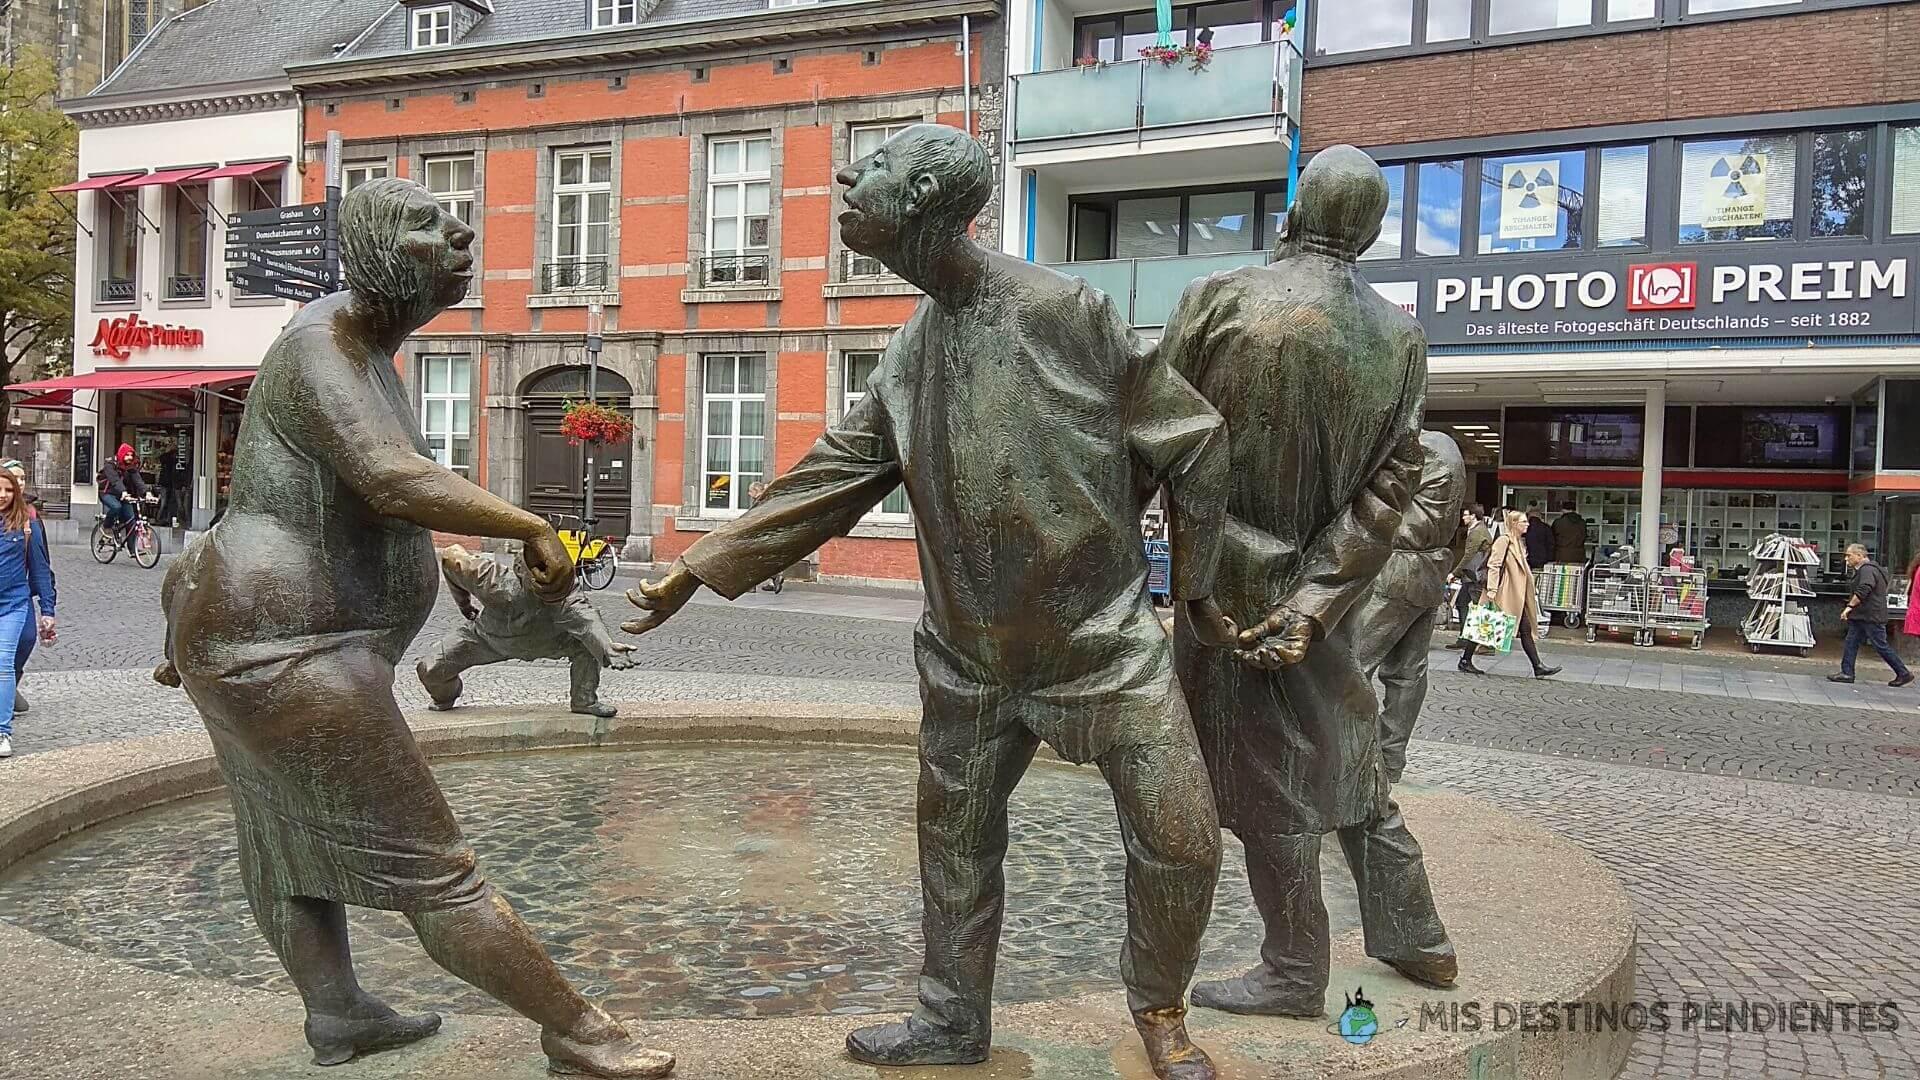 Kreislauf des Geldes (Aquisgrán, Alemania)